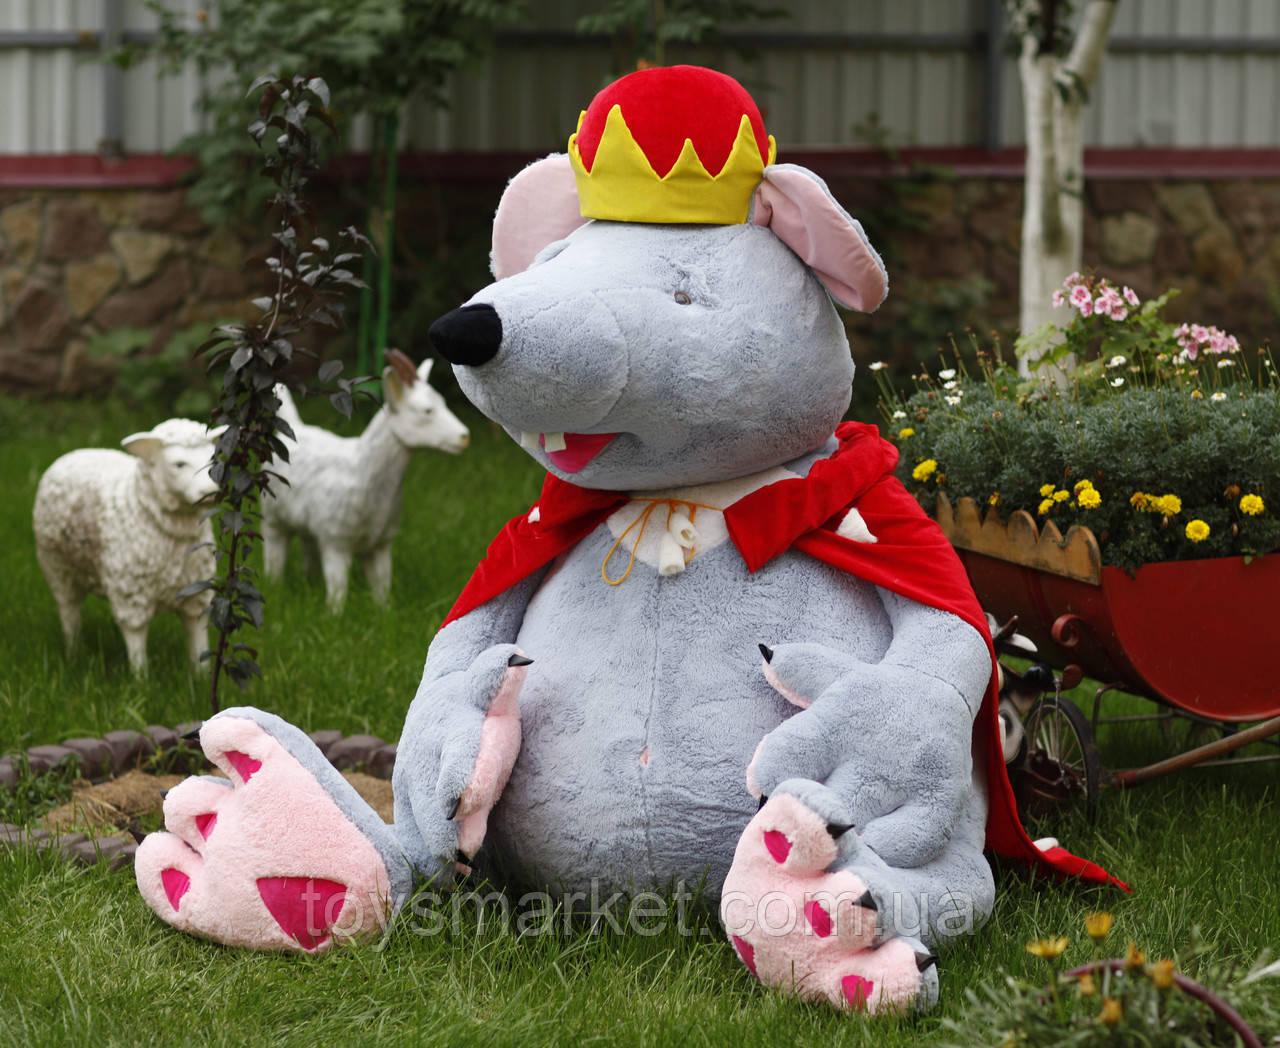 """Большая мягкая игрушка """"Король Крыс"""", плюшевая крыса, игрушка мышка"""